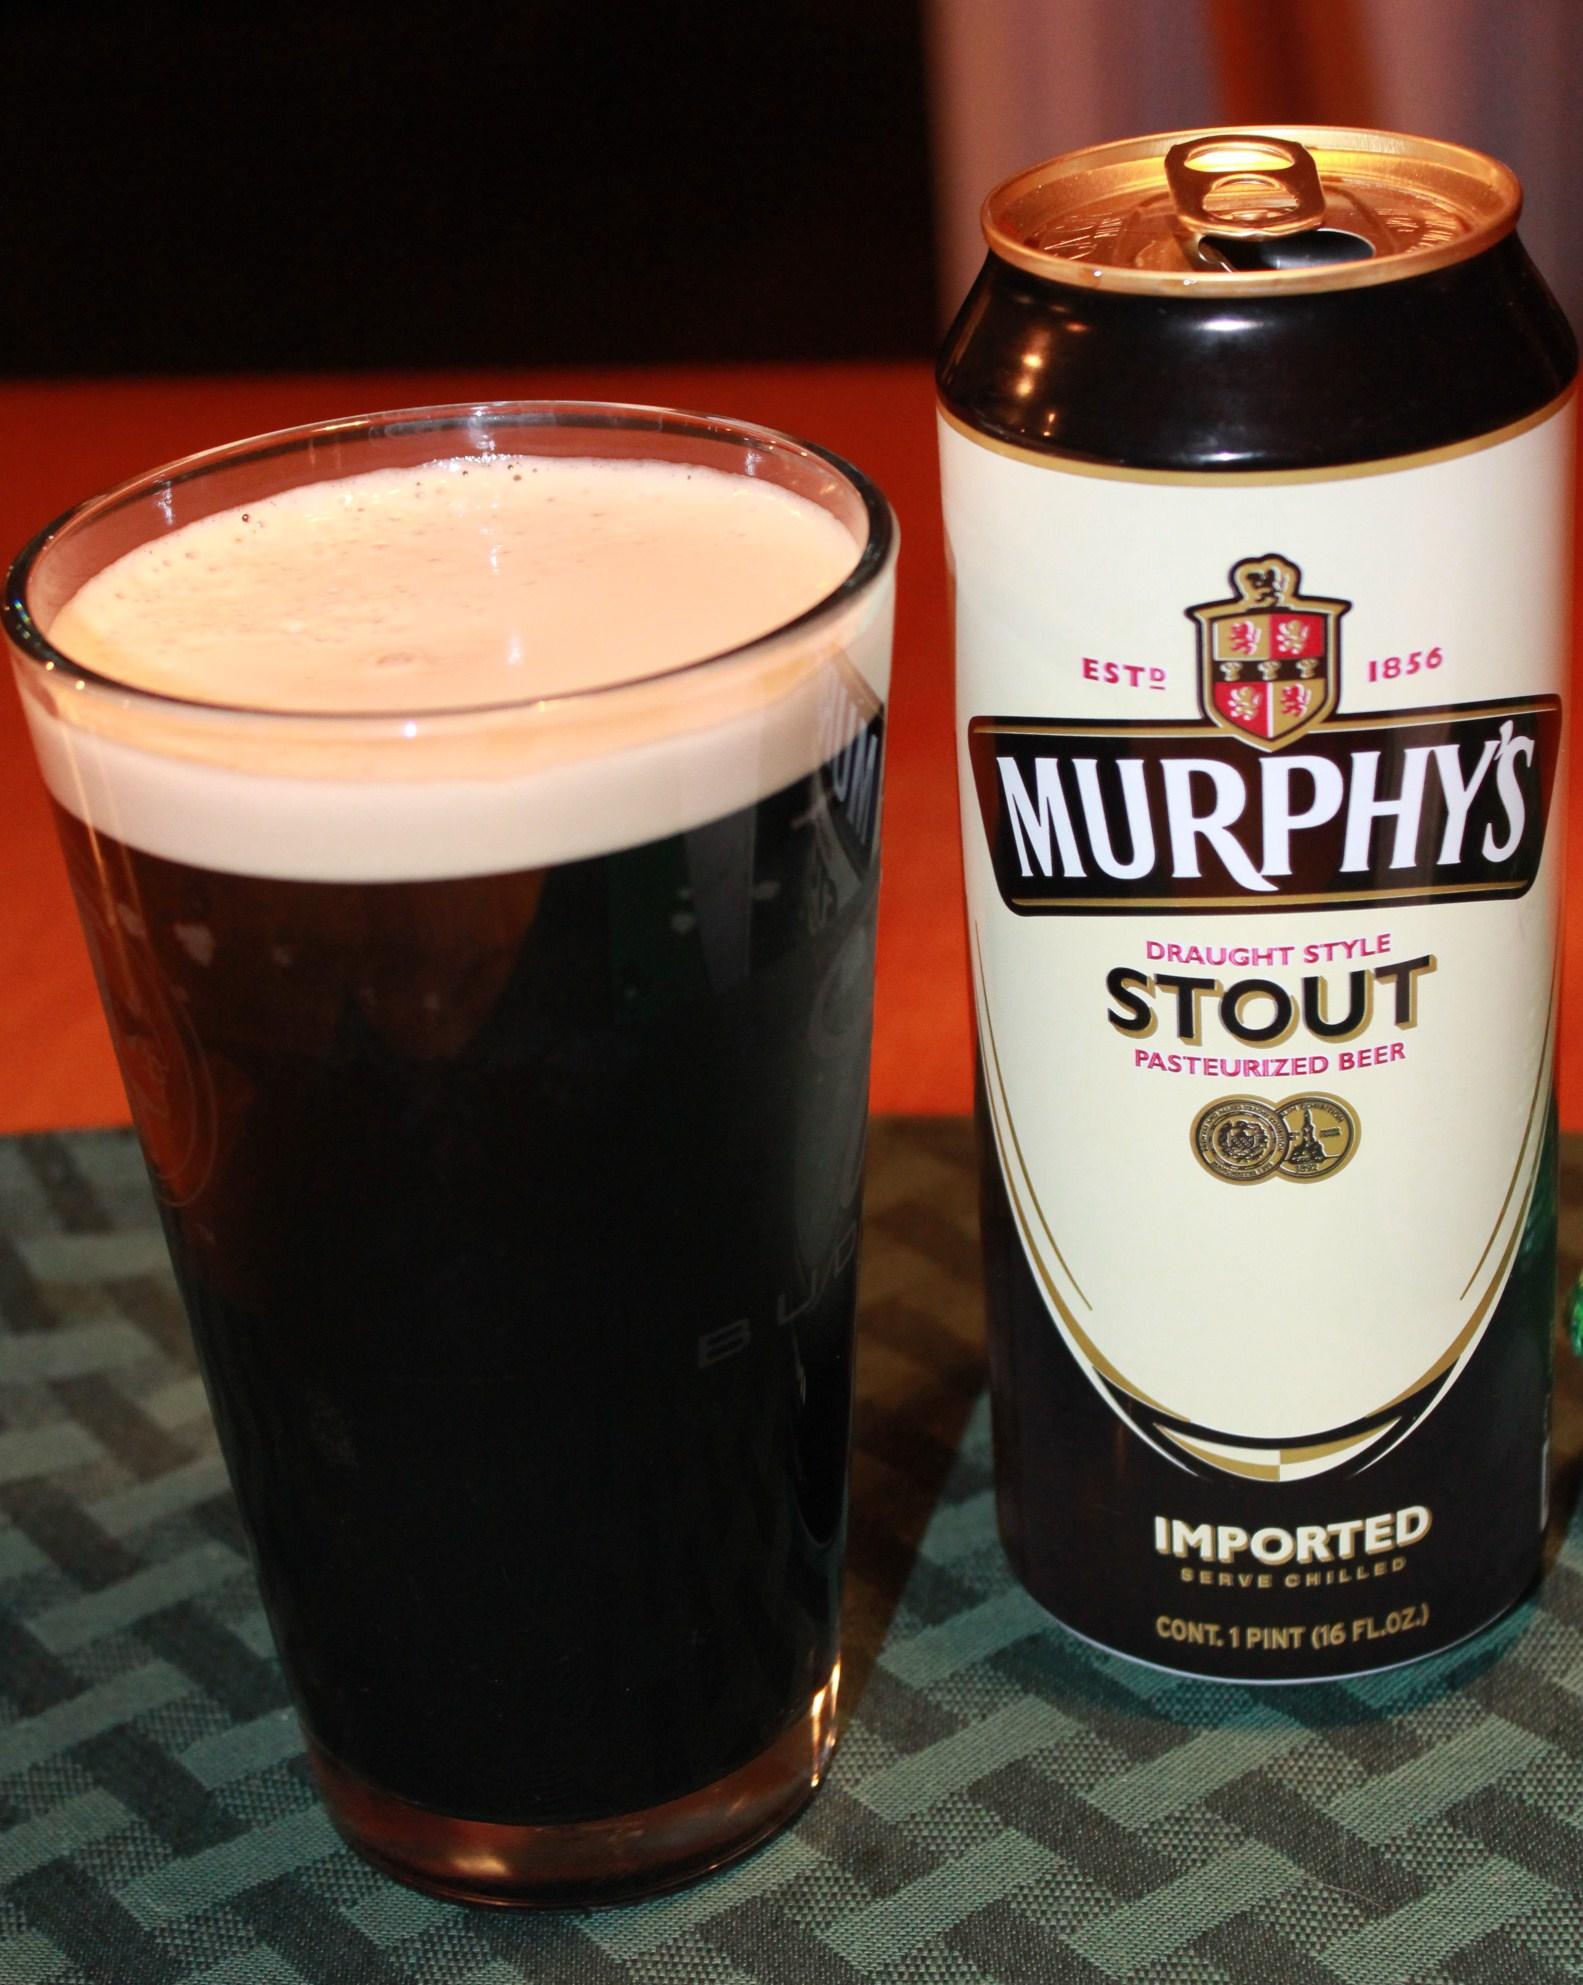 murphys brewery